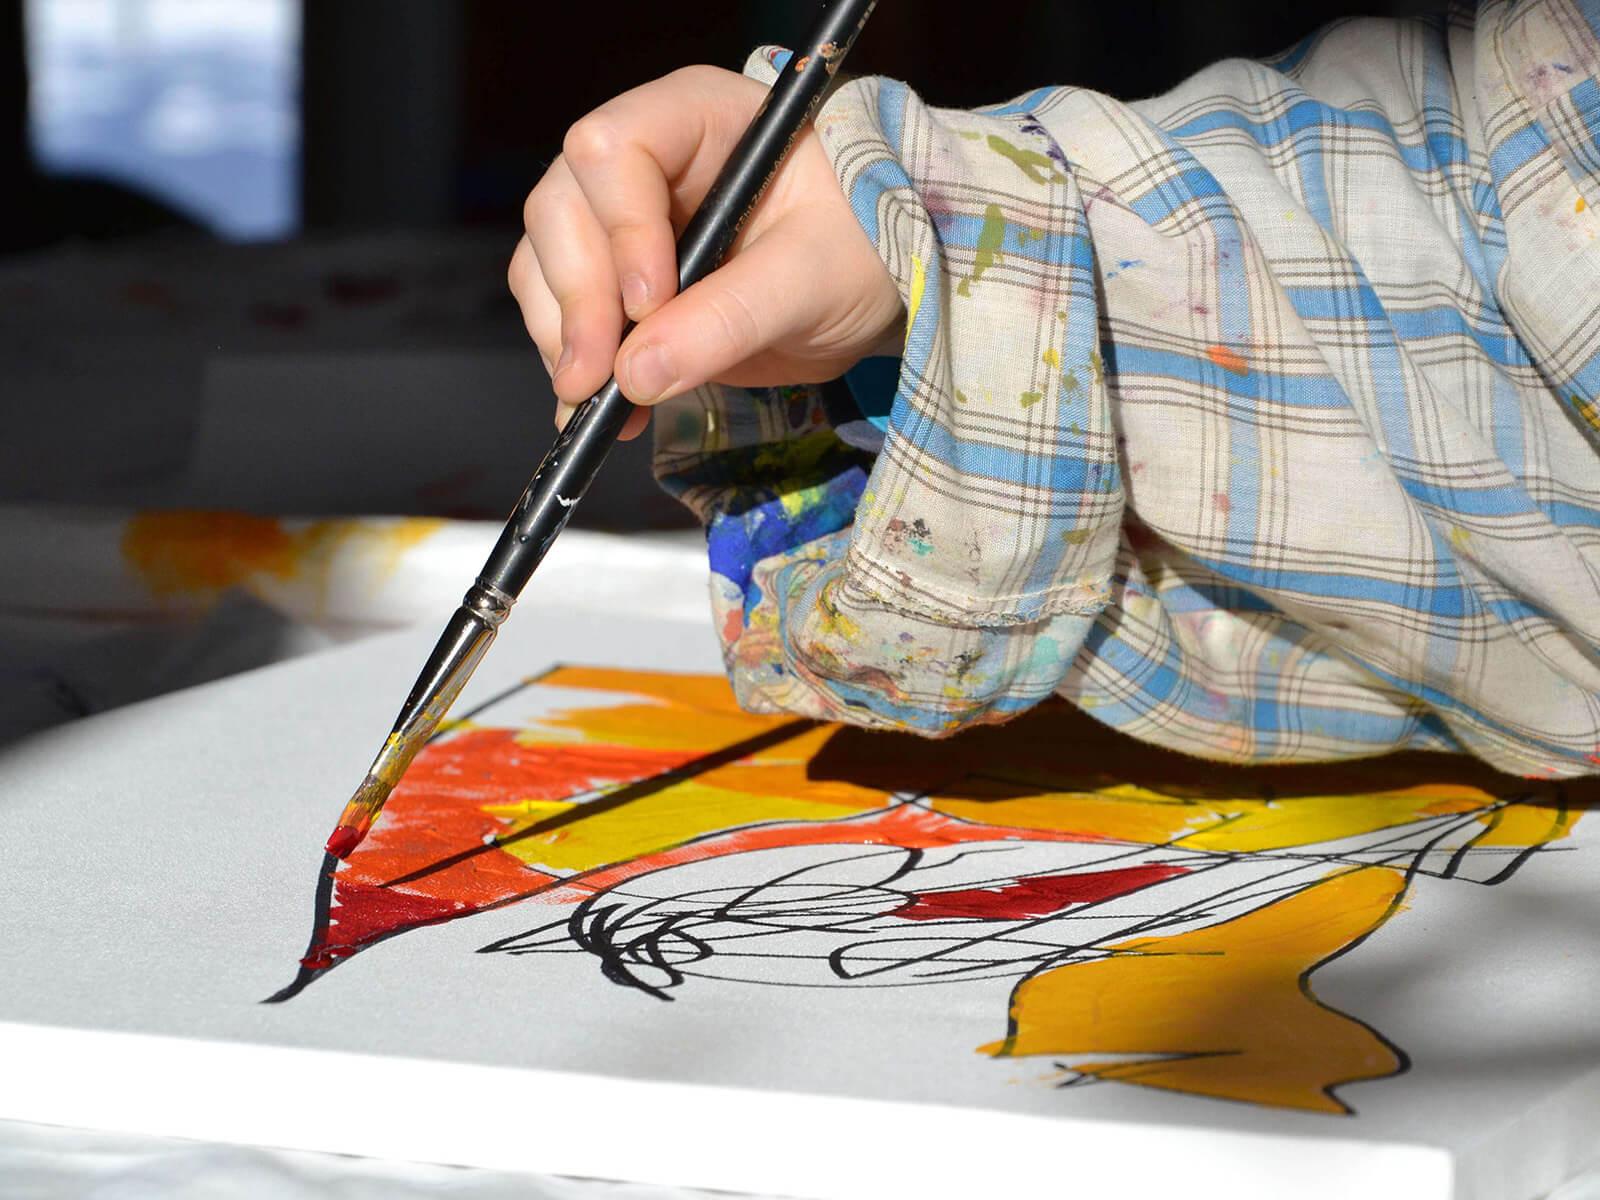 ... indem sie den Beitrag für den Kunstkurs übernimmt.